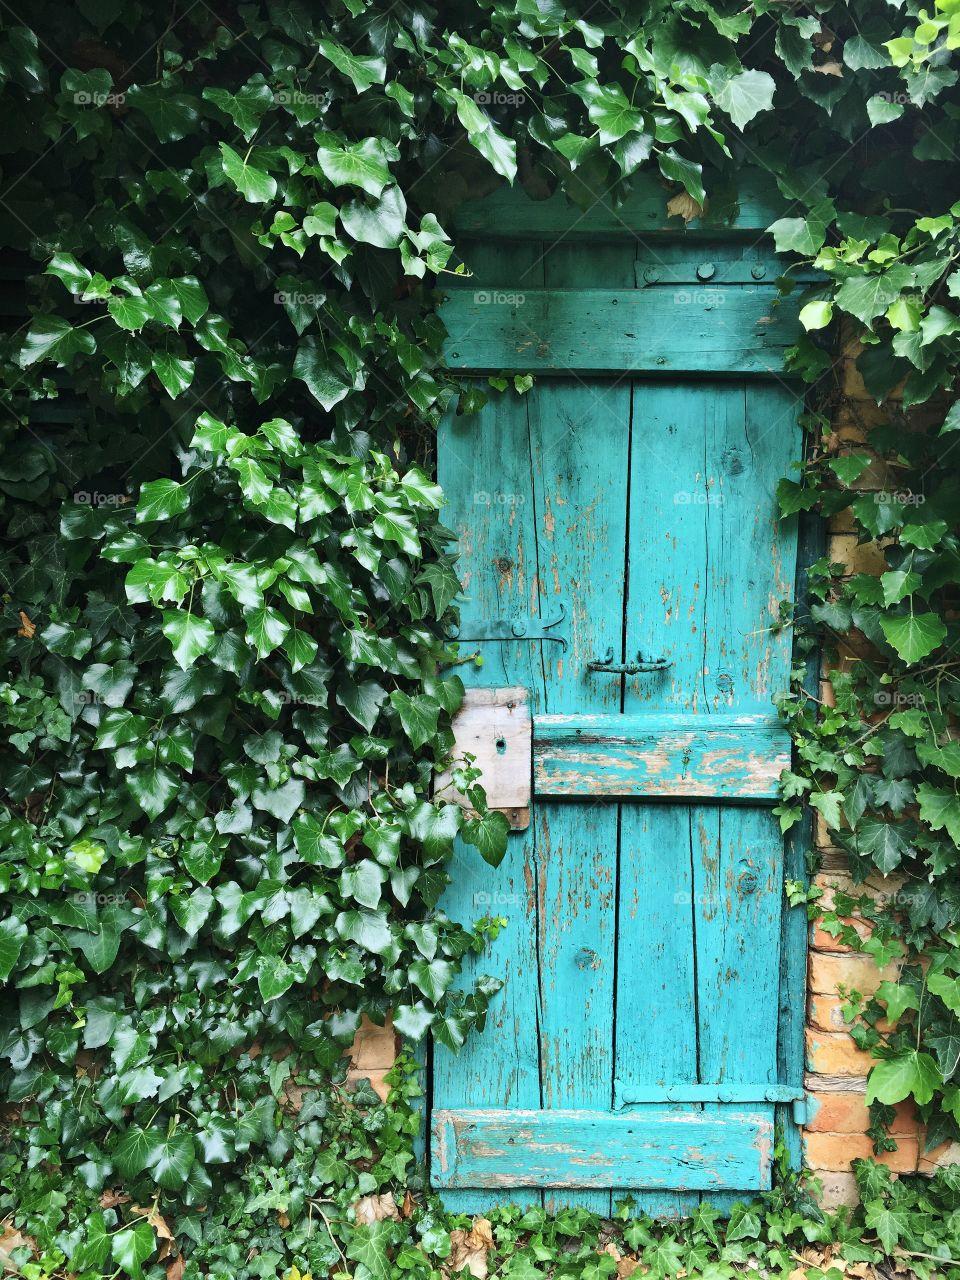 A quiet doorway in Croatia